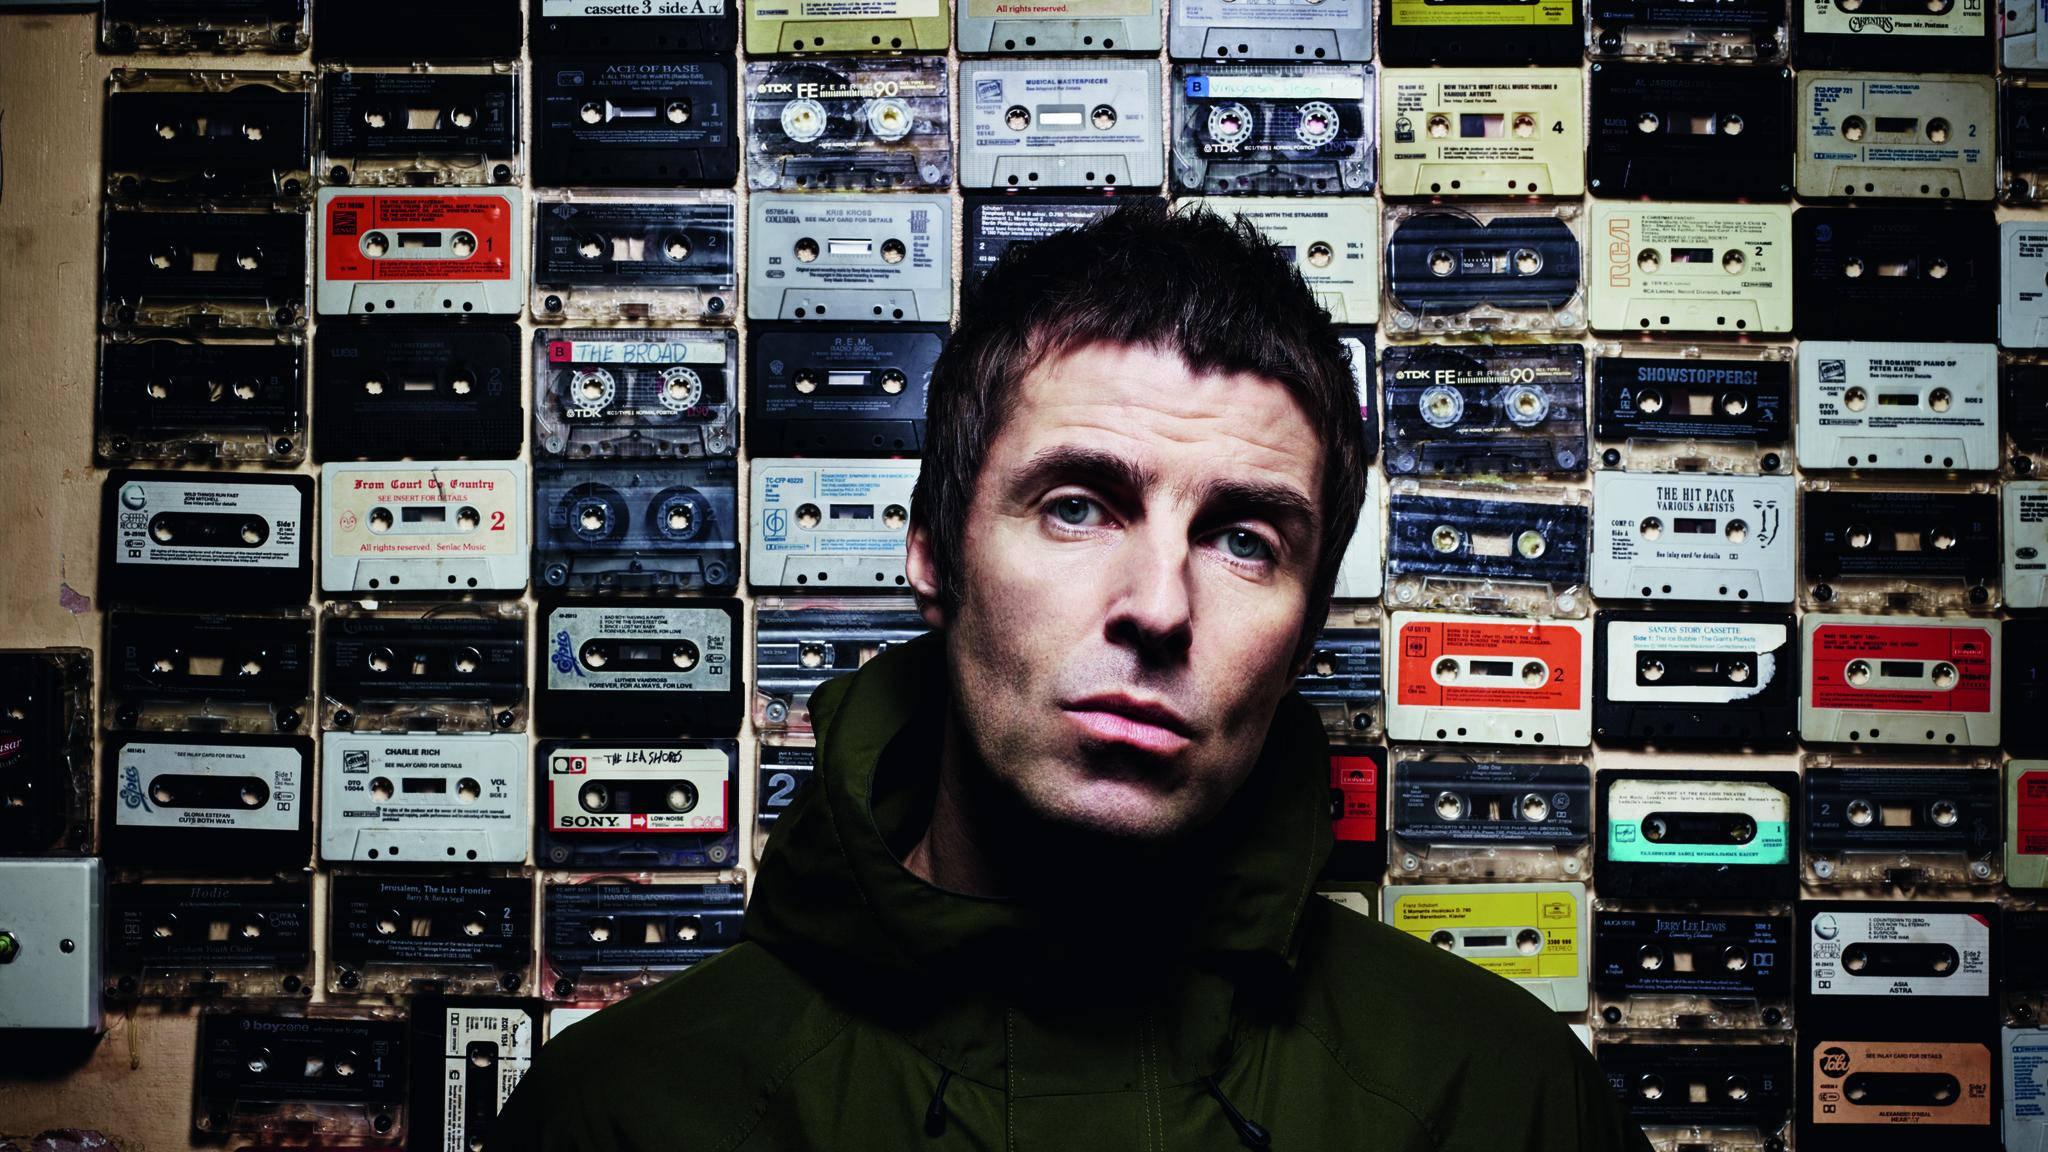 Liam Gallagher: 'All those Britpop bands were desperate'